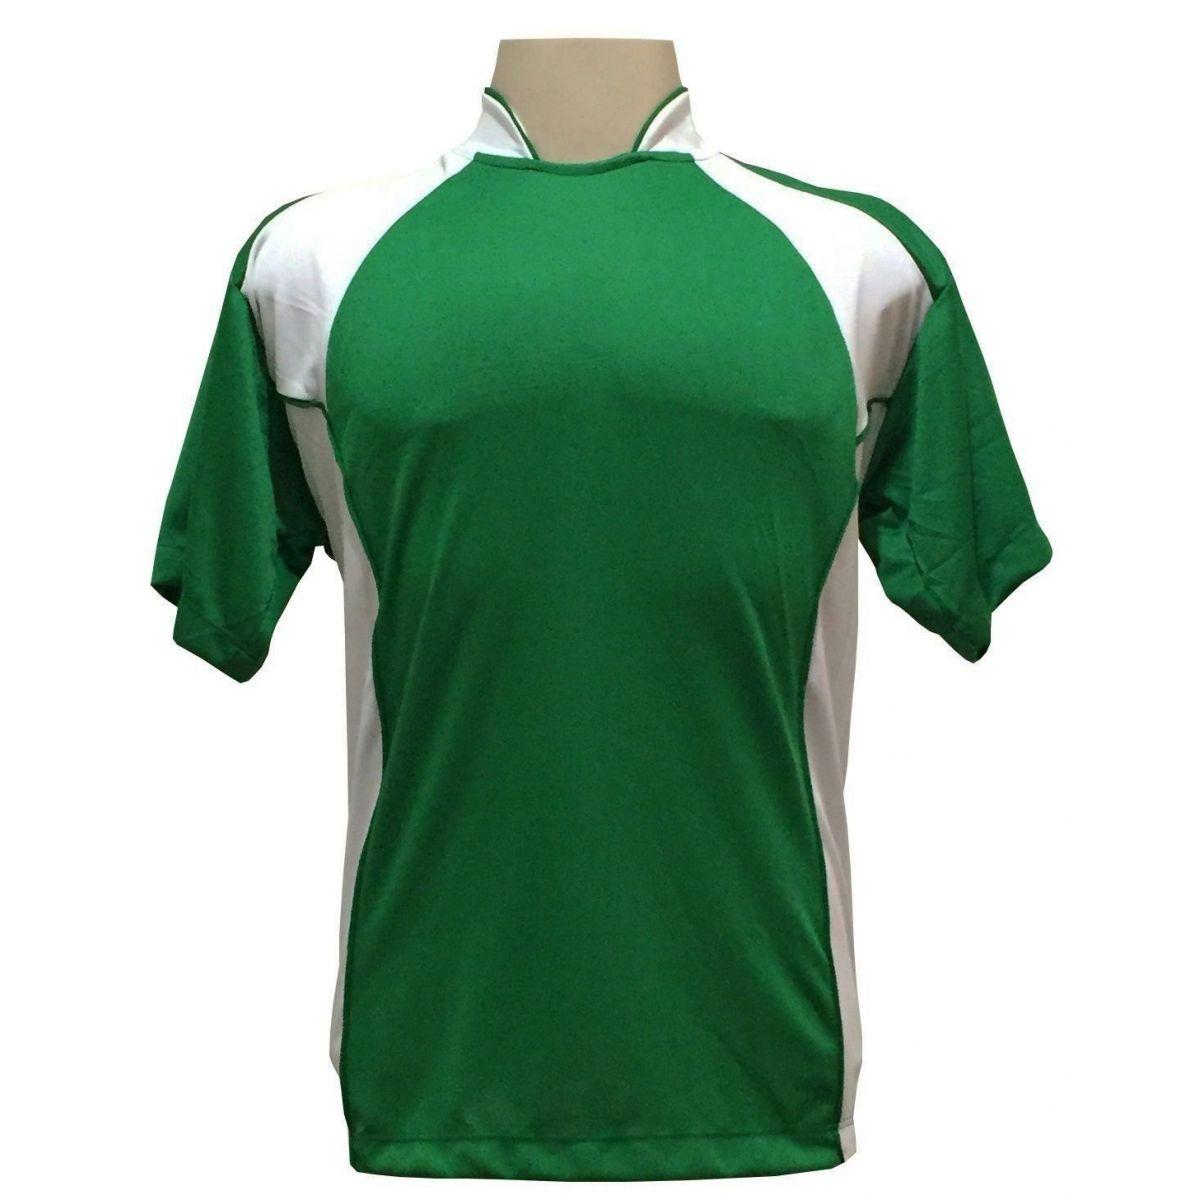 Uniforme Esportivo Completo modelo Suécia 14+1 (14 camisas Verde/Branco + 14 calções Madrid Branco + 14 pares de meiões Brancos + 1 conjunto de goleiro) + Brindes